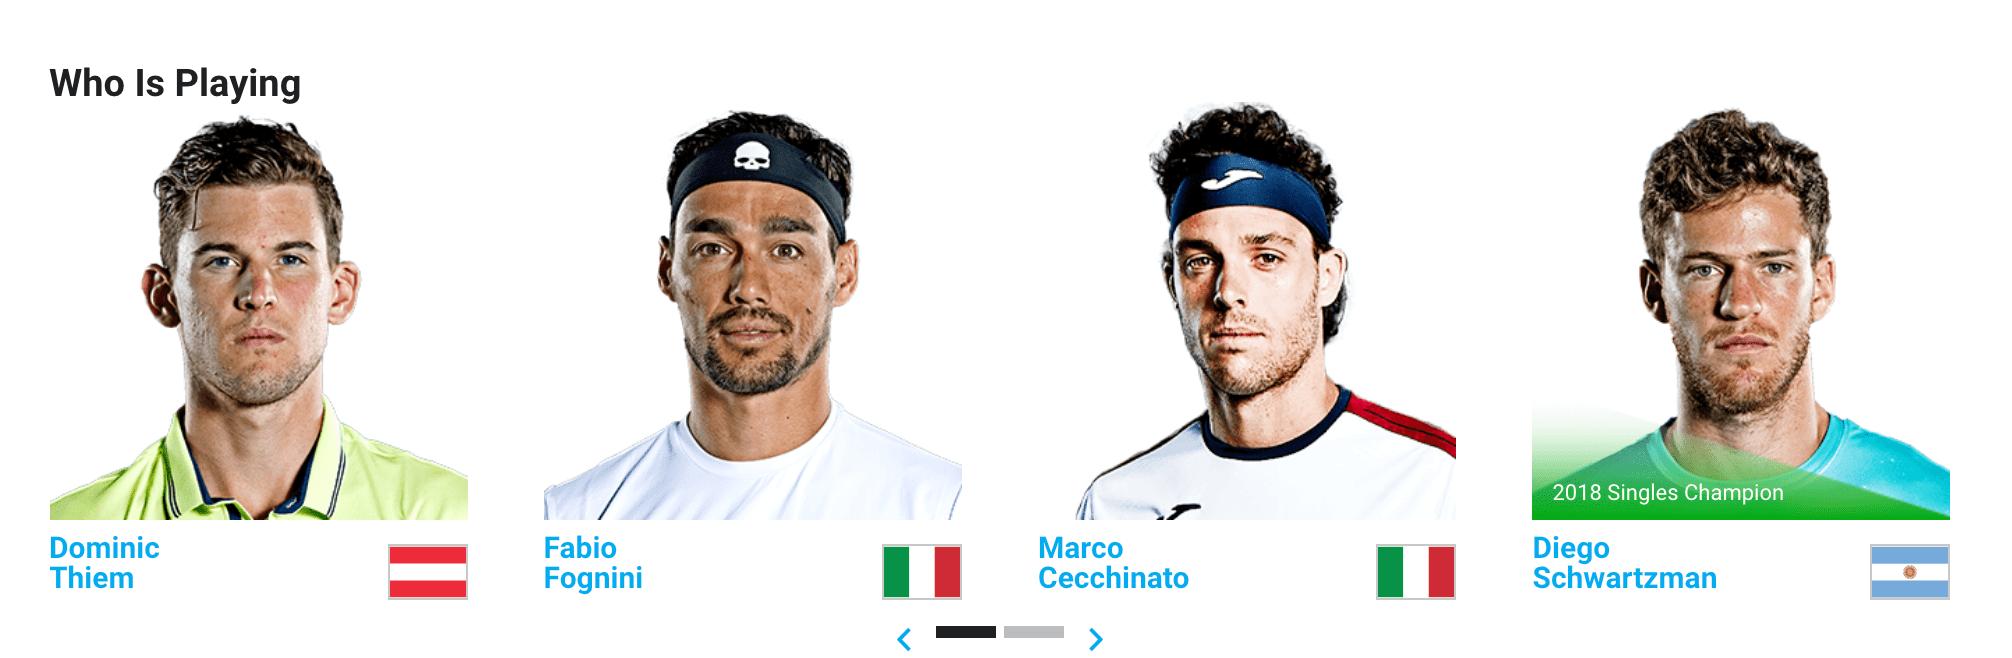 Thiem-Fognini-Cecchinato-Schwartzman-Rio-Open-2019